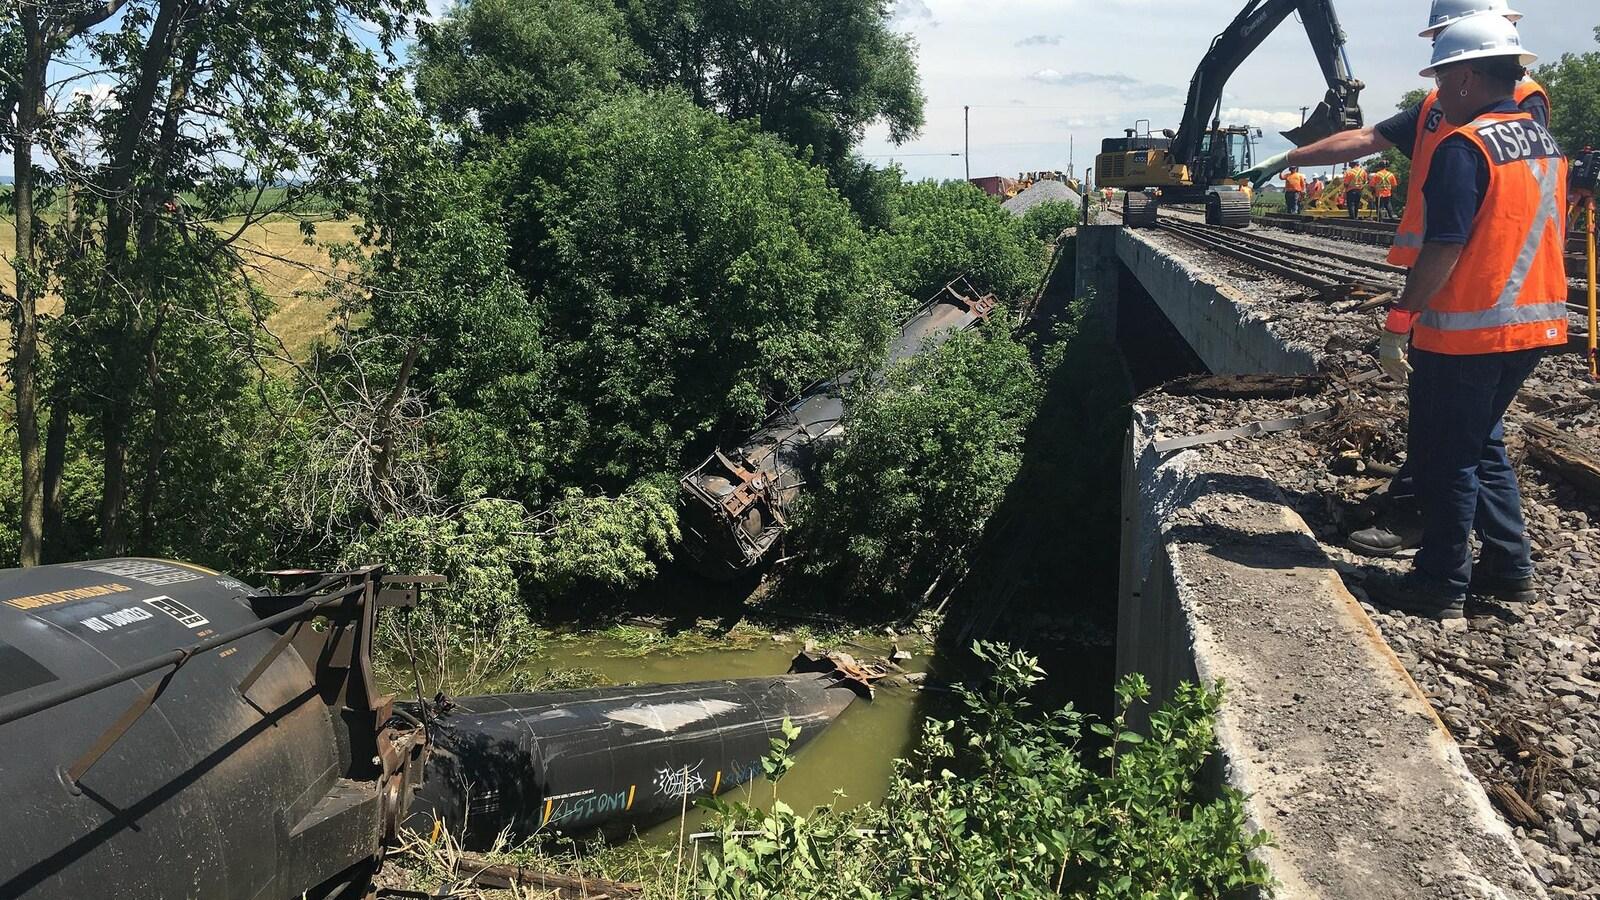 Des wagons de train sont tombés dans une rivière.